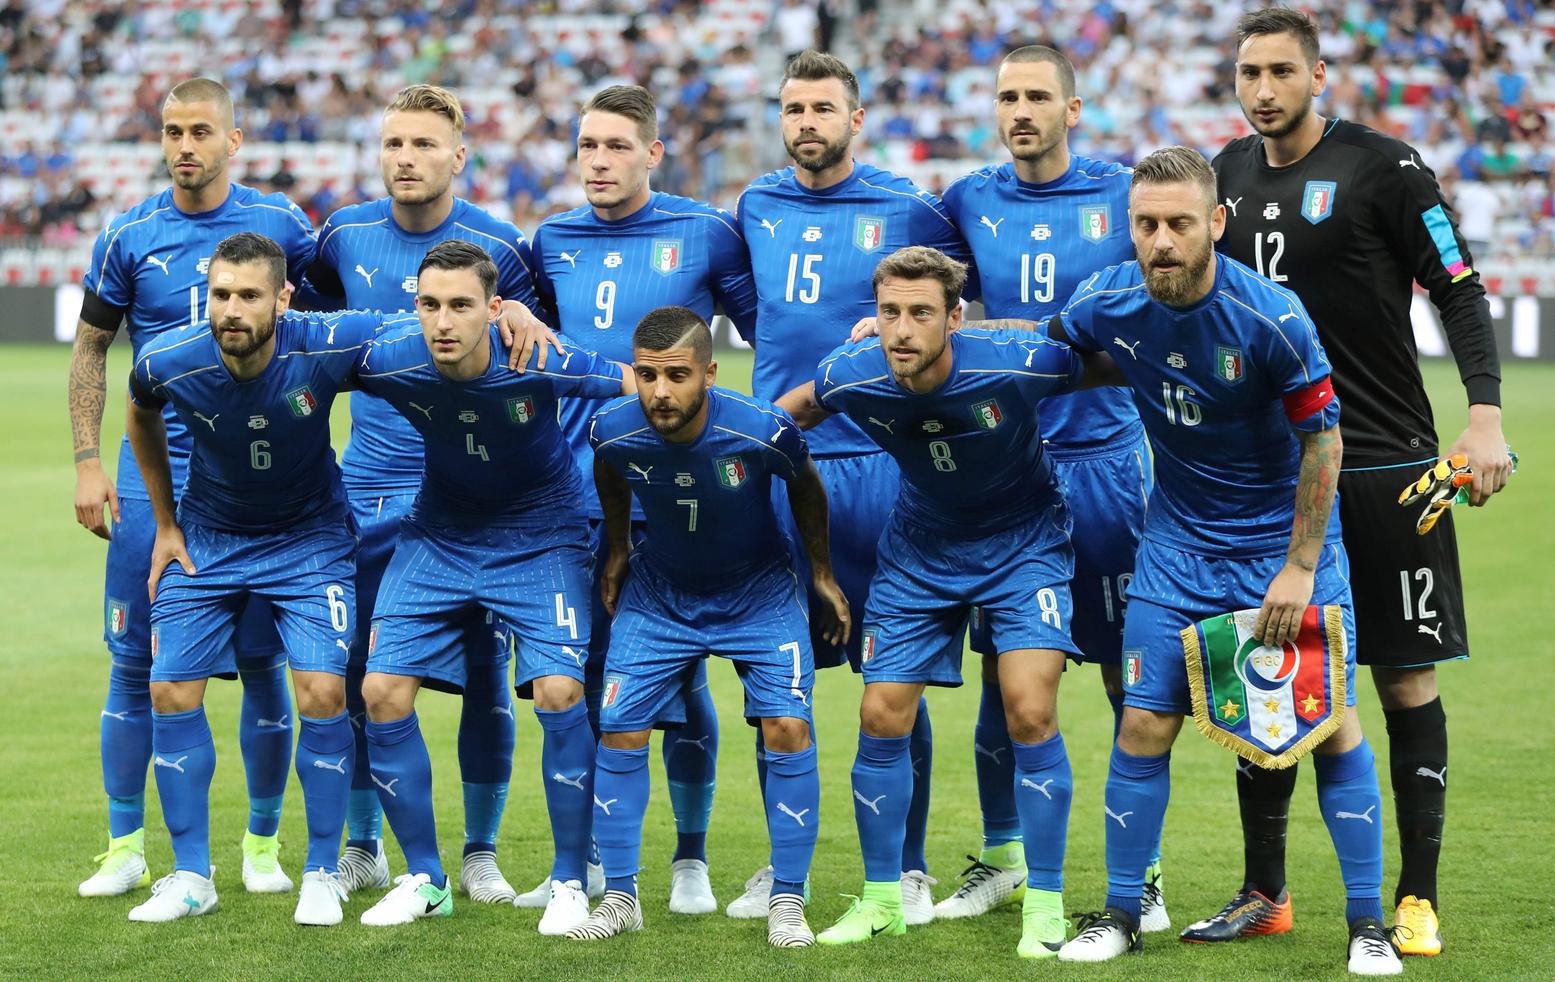 фарфор был футболисты сборной италии фото модели